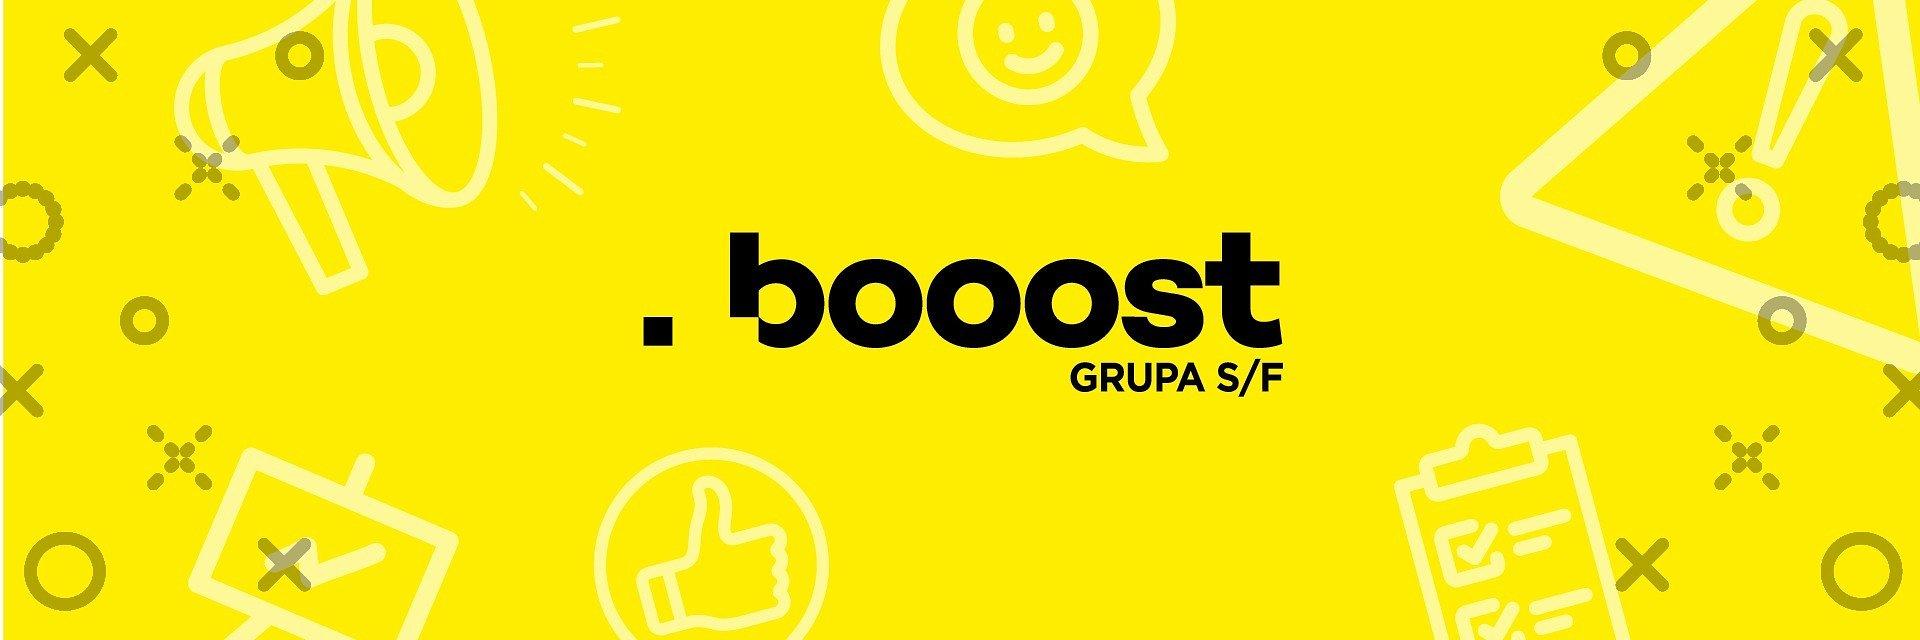 Booost (Grupa S/F) wygrywa dwa kolejne przetargi w PGE Obrót